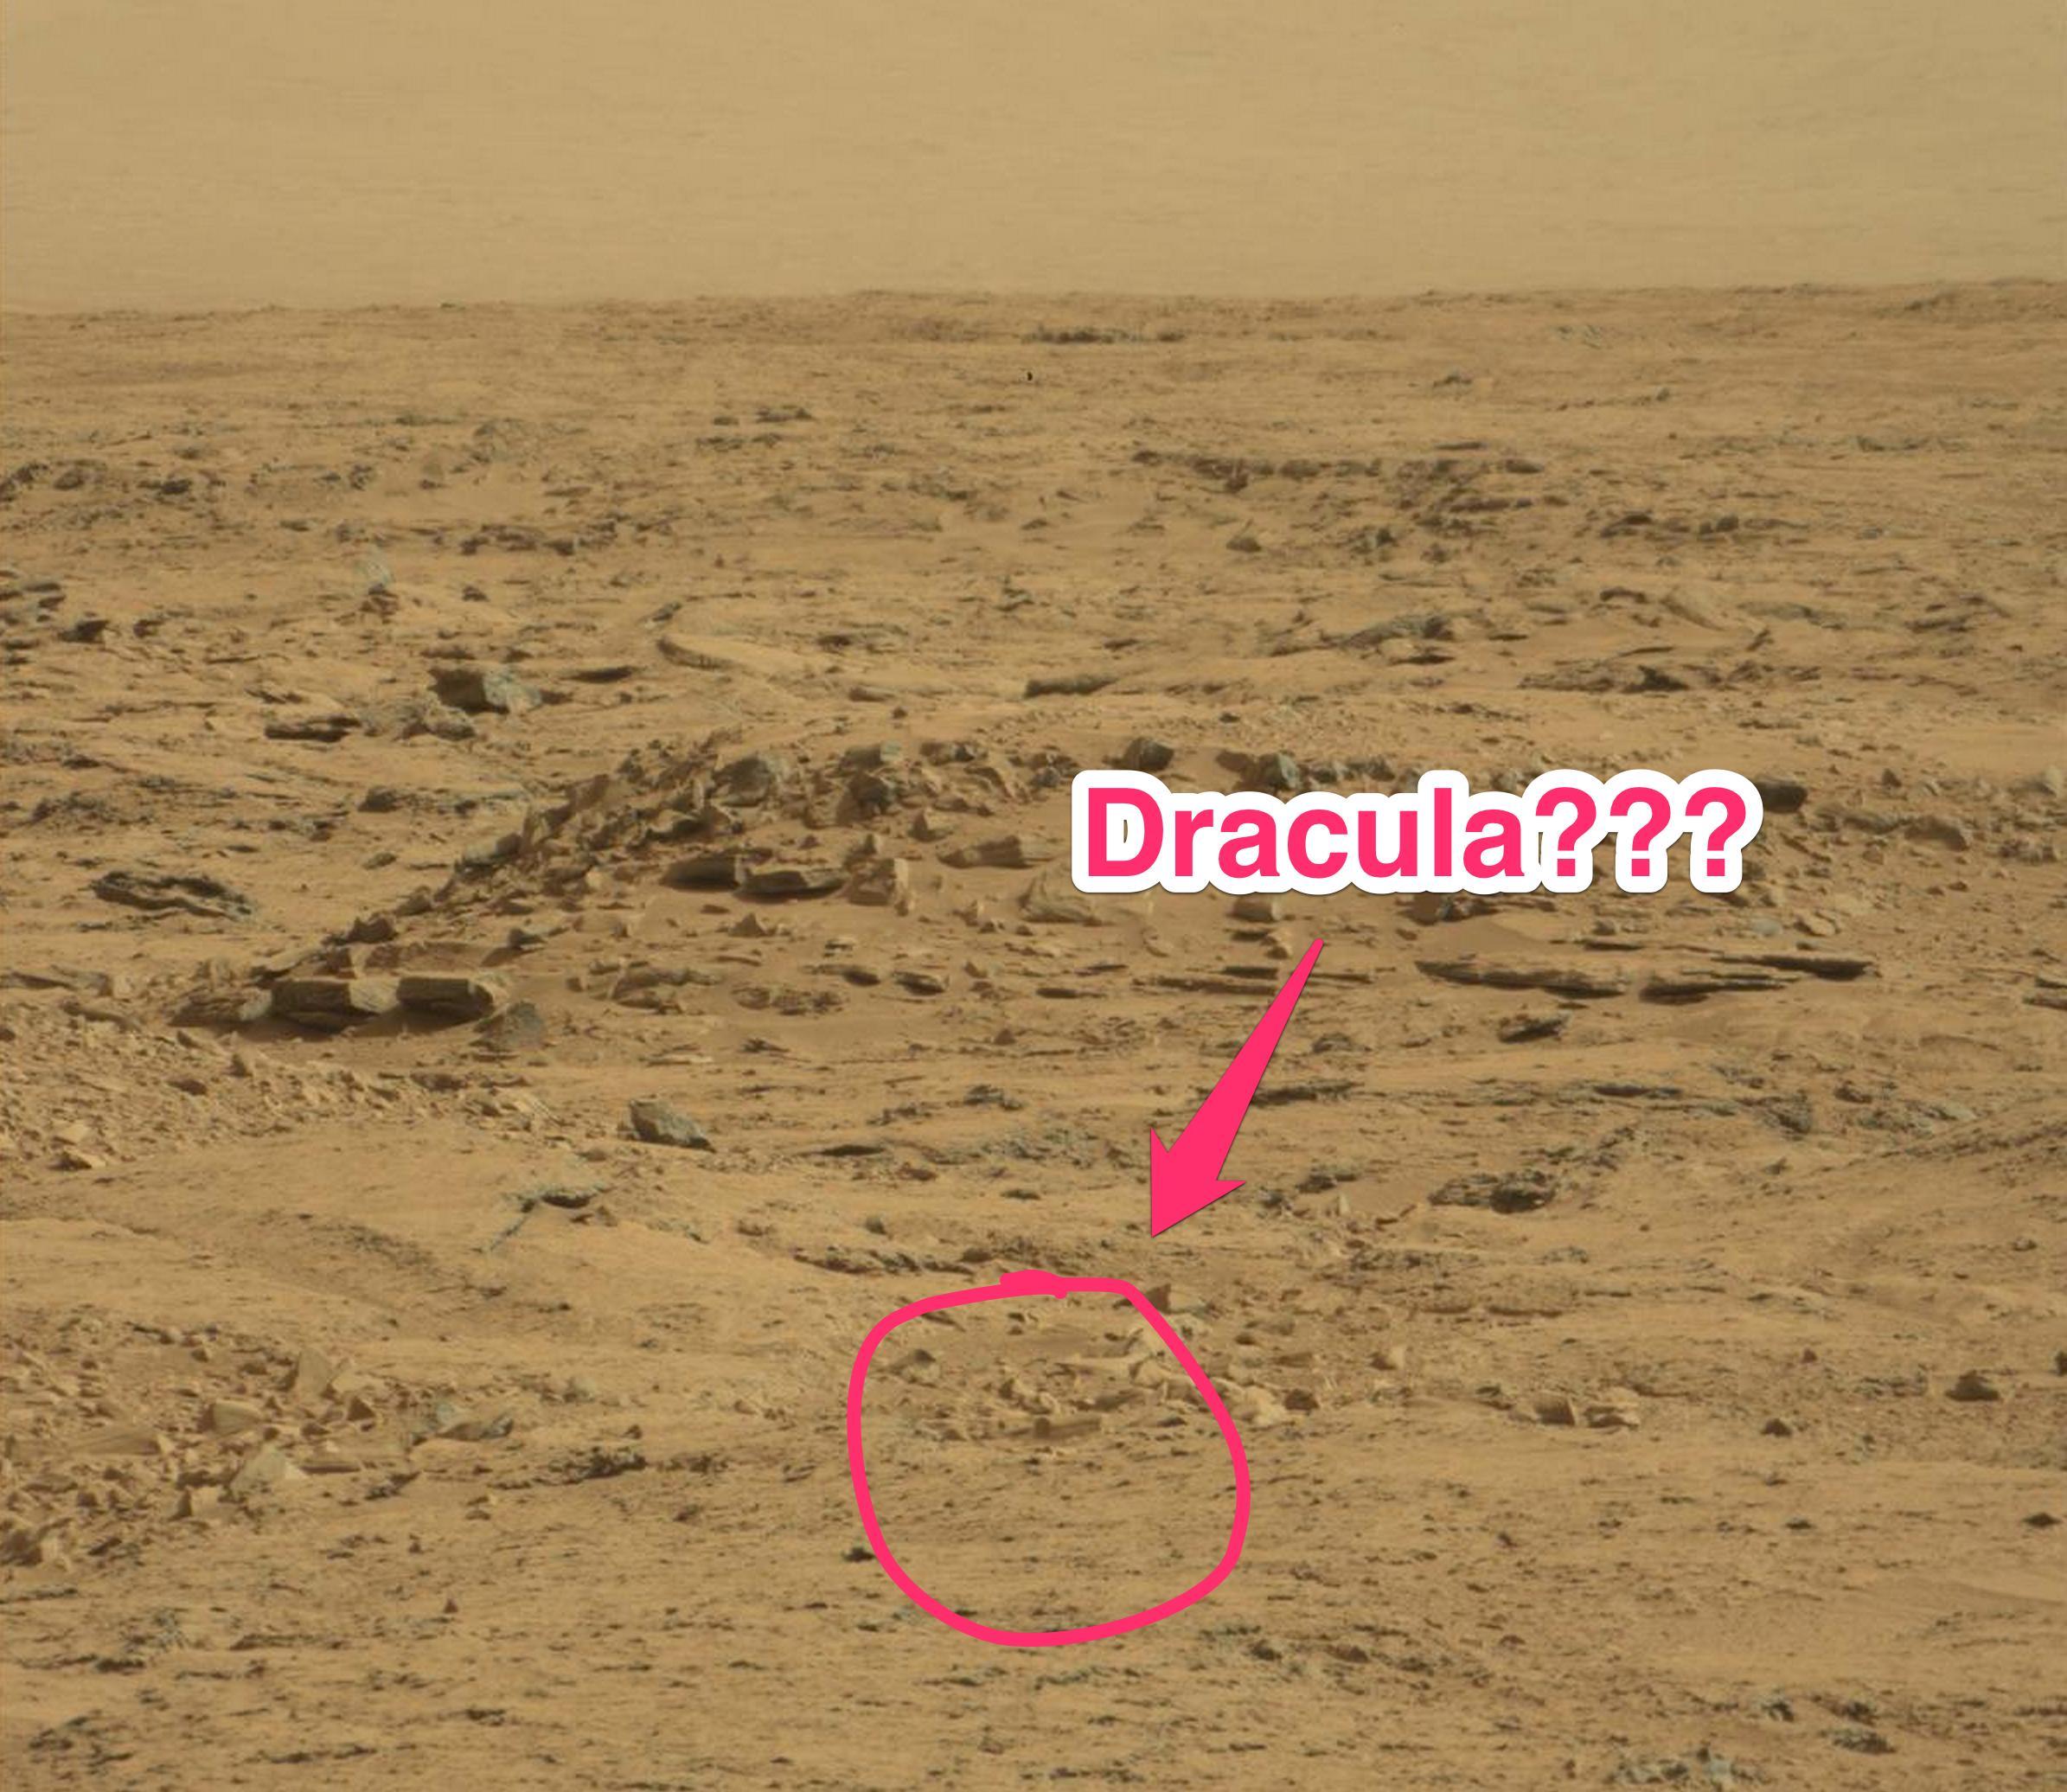 Essa foto da NASA realmente mostra um CAIXÃO em Marte?